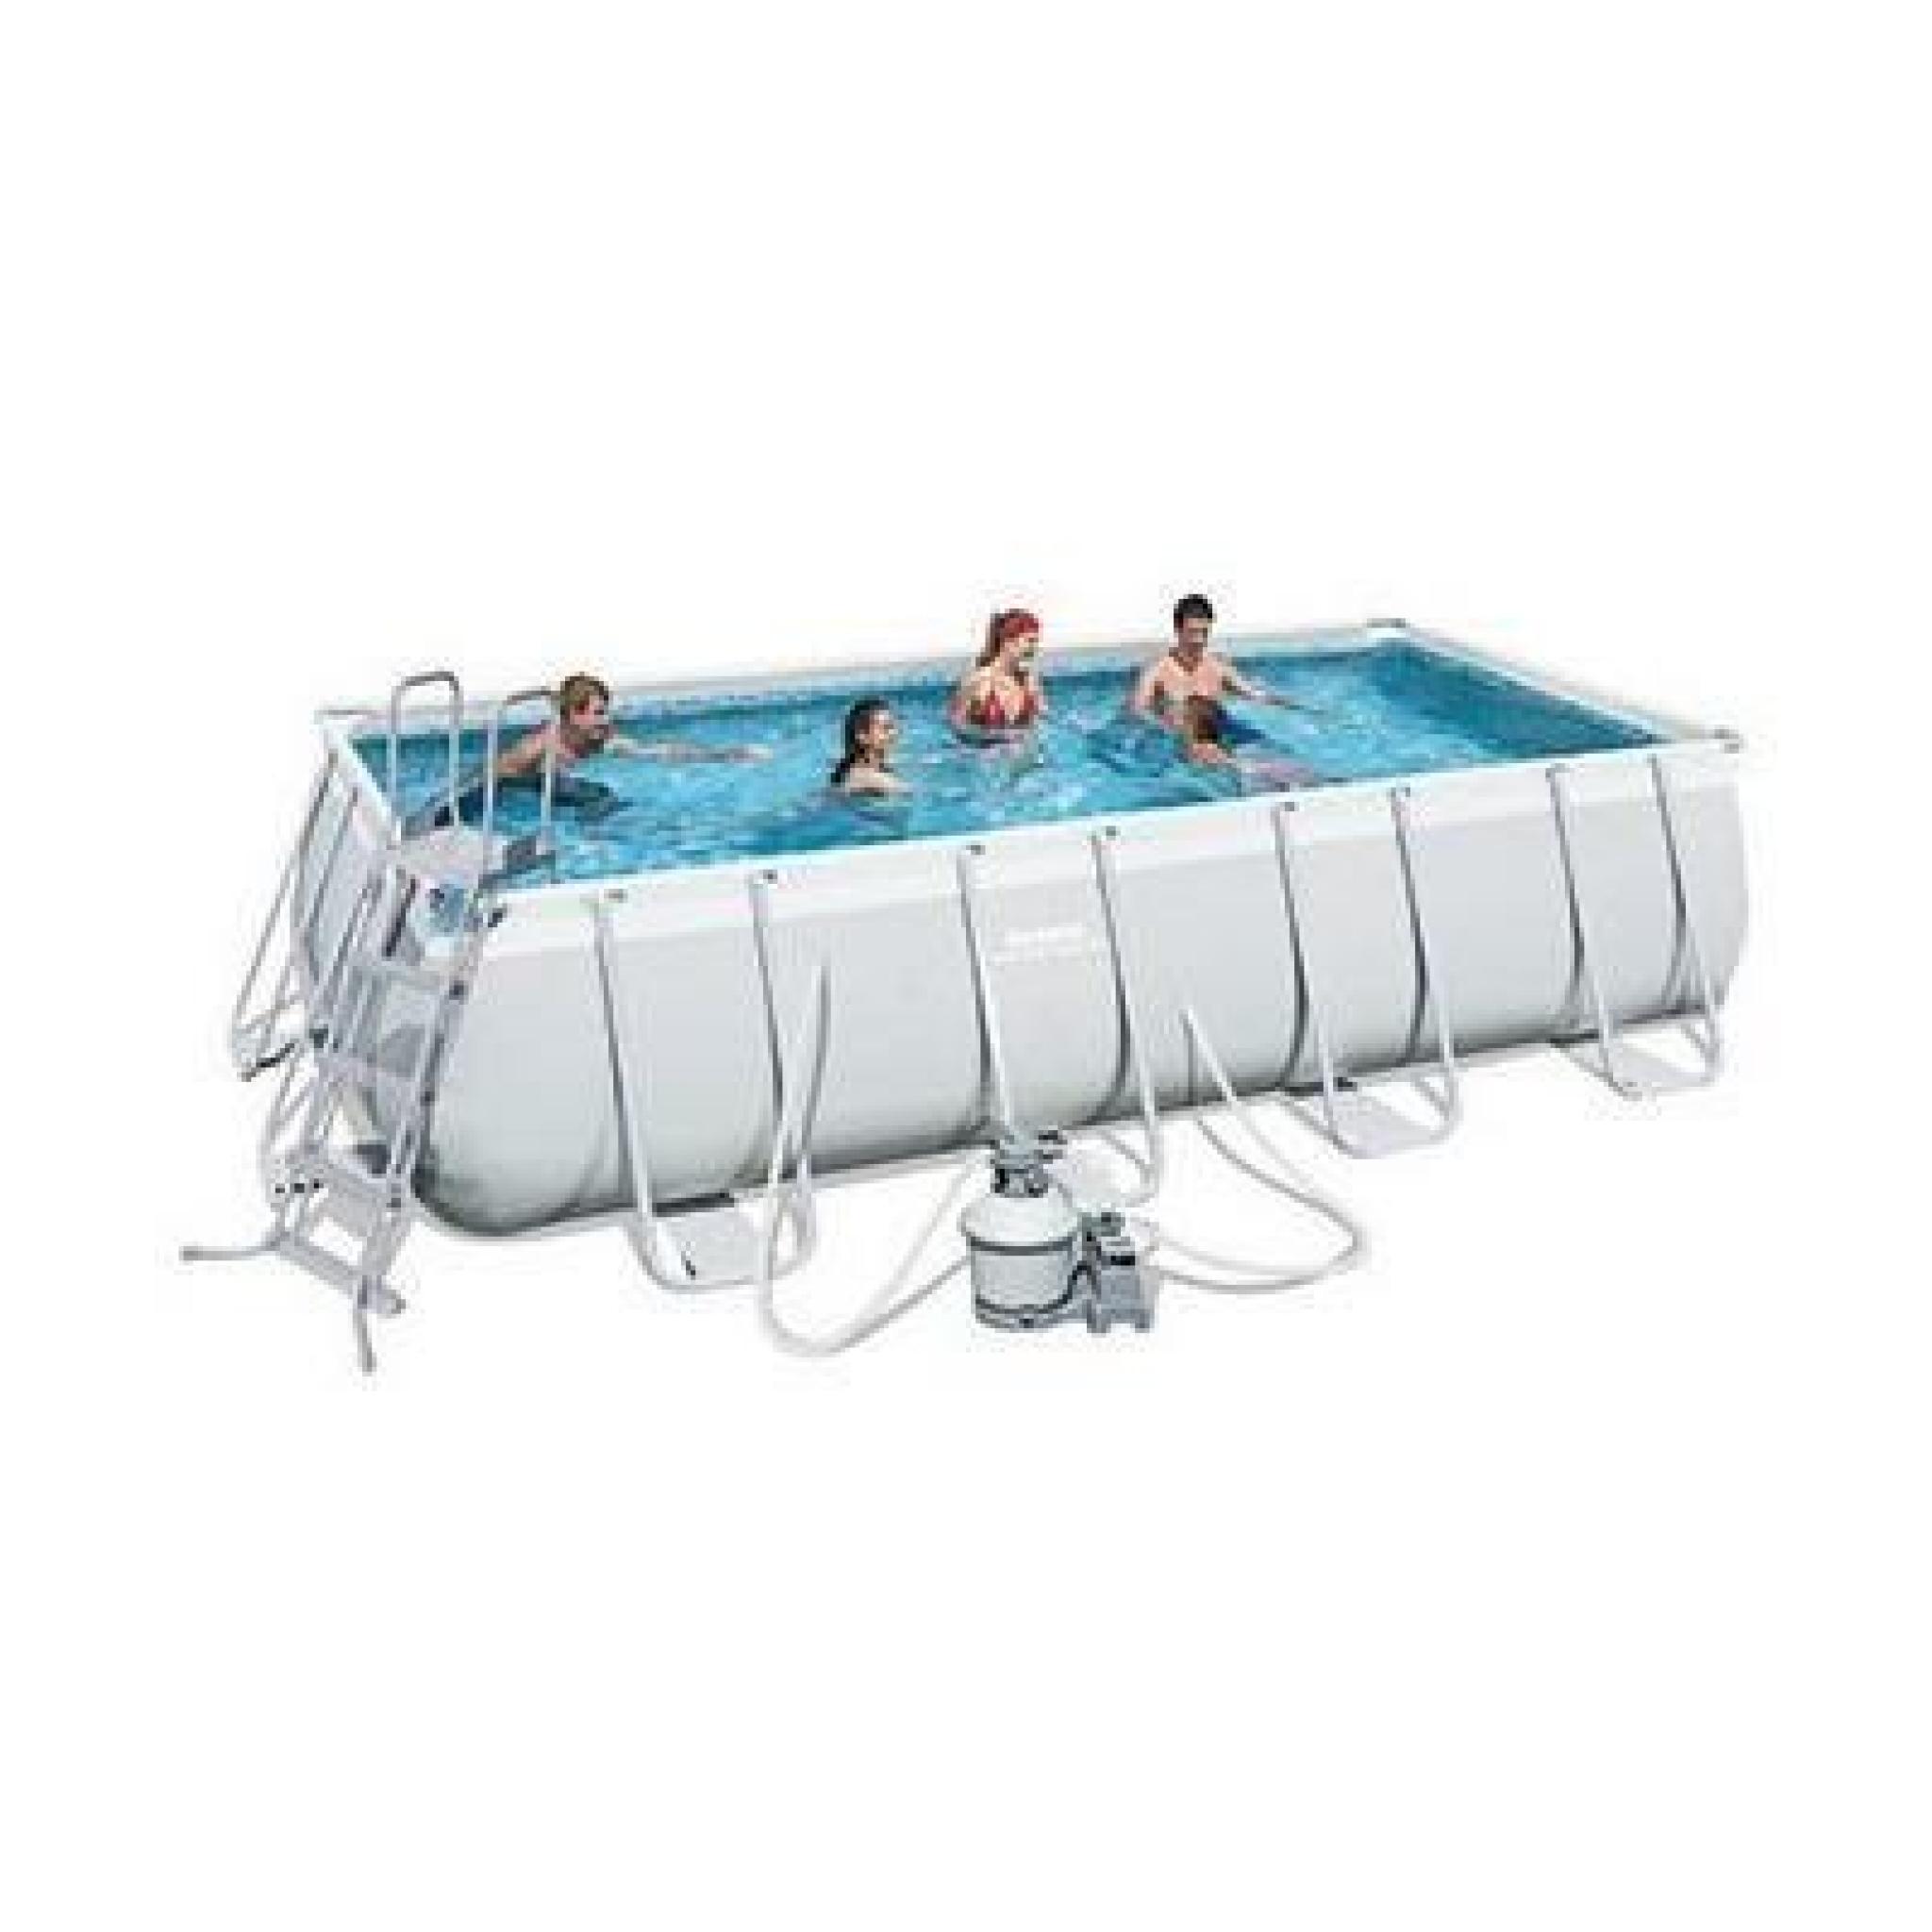 Bestway kit piscine rectangulaire power steel frame pool for Best way piscine